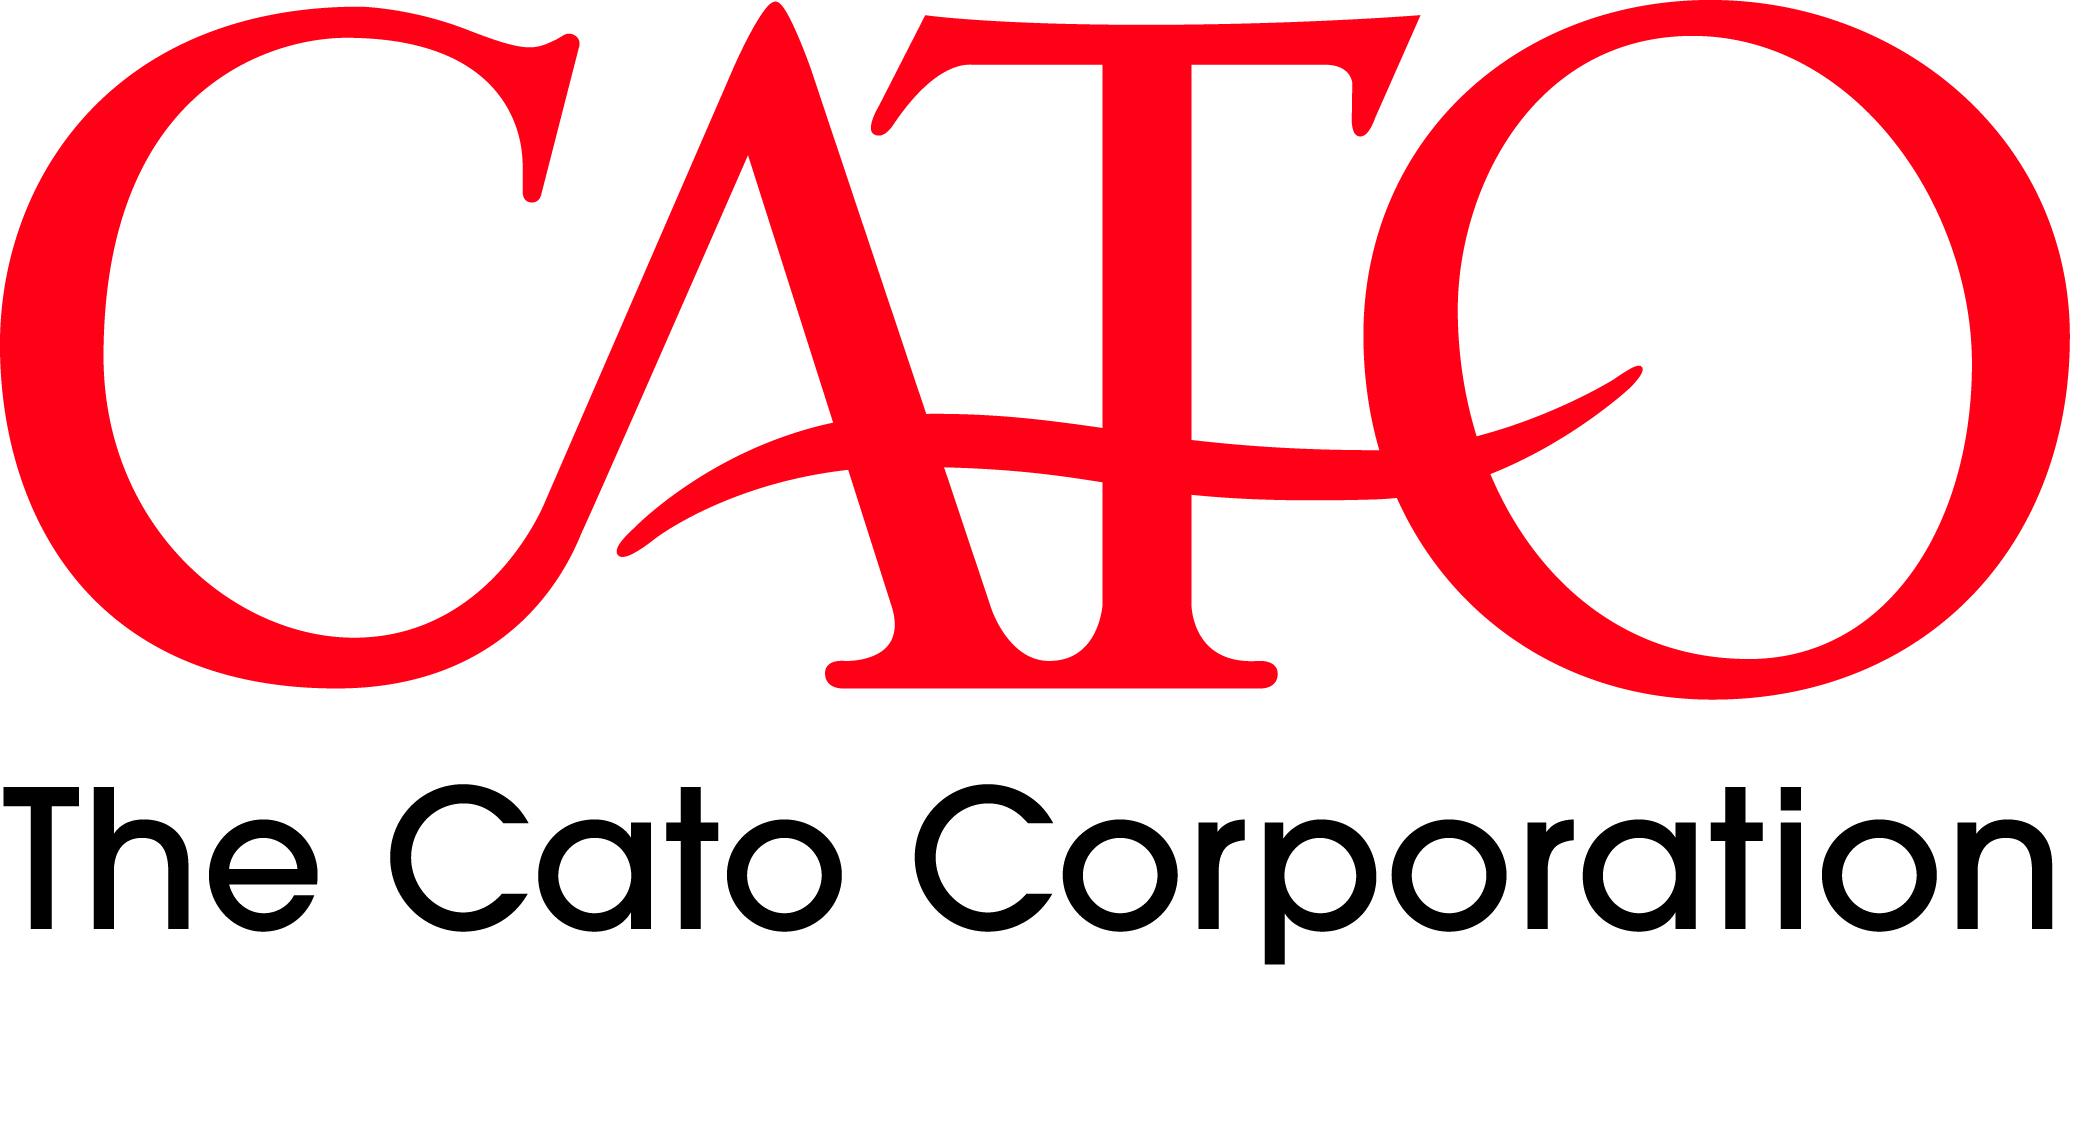 Cato Corp.jpg